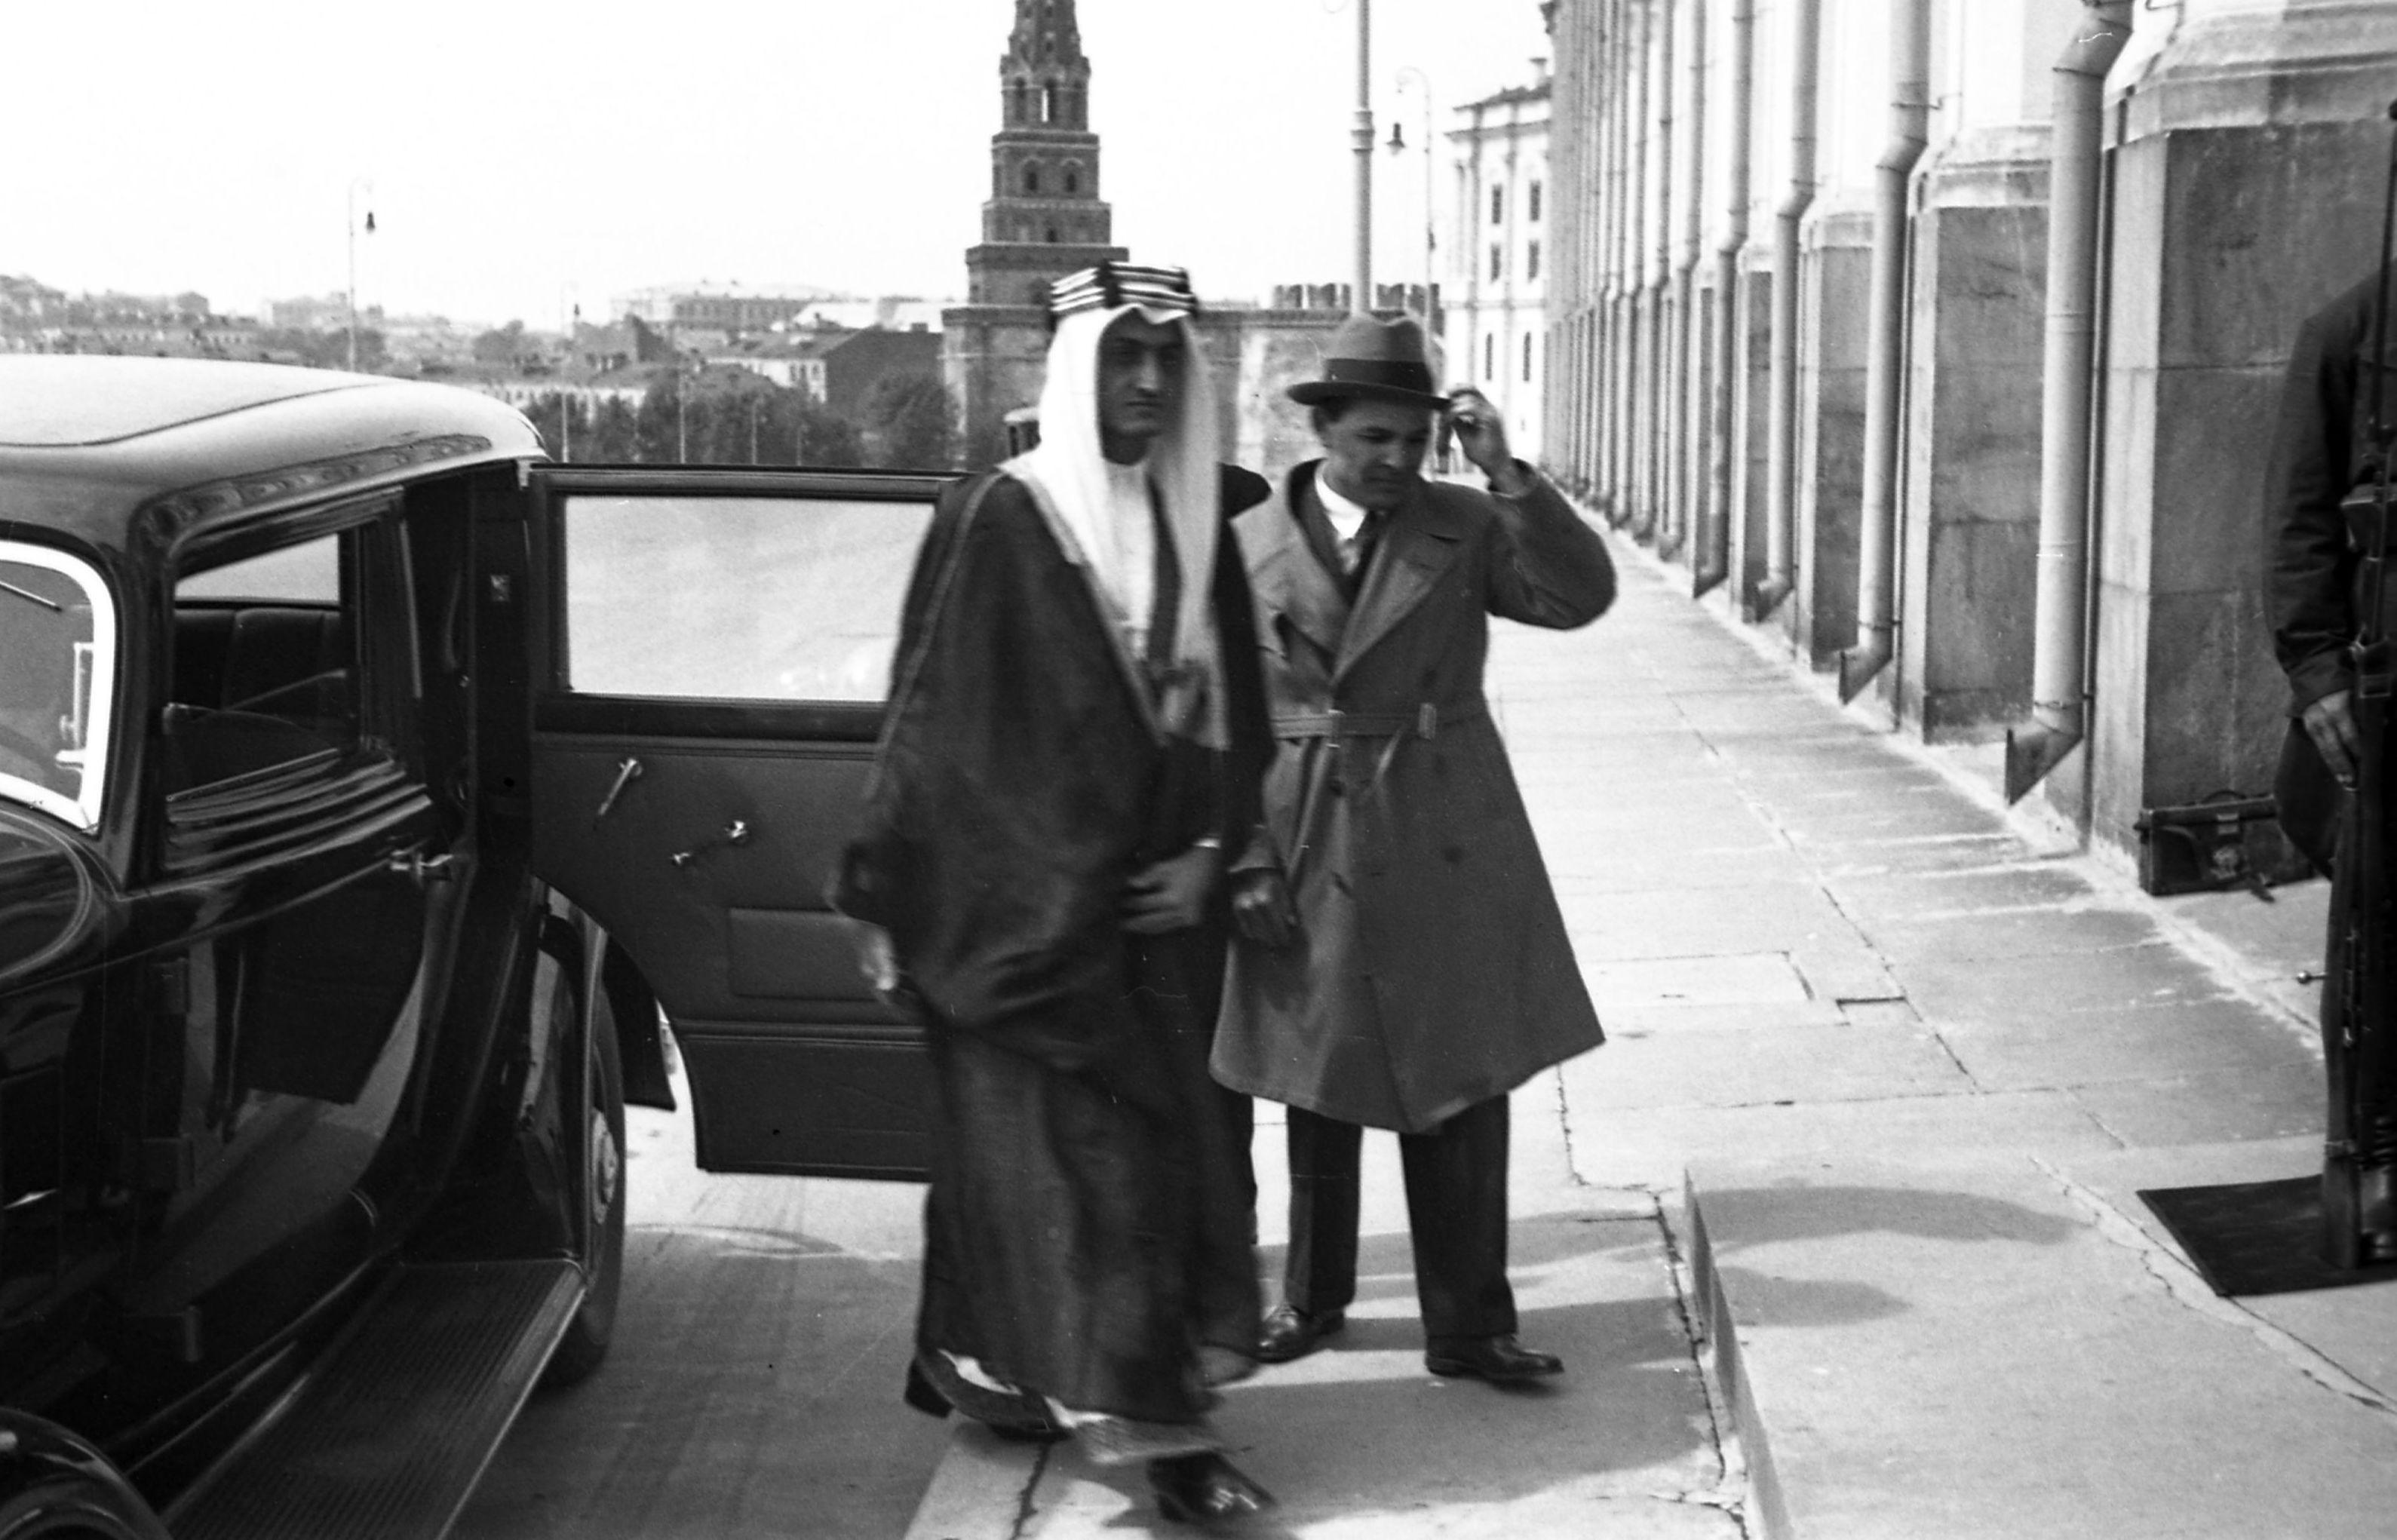 أمير الحجار في الكرملين 1932